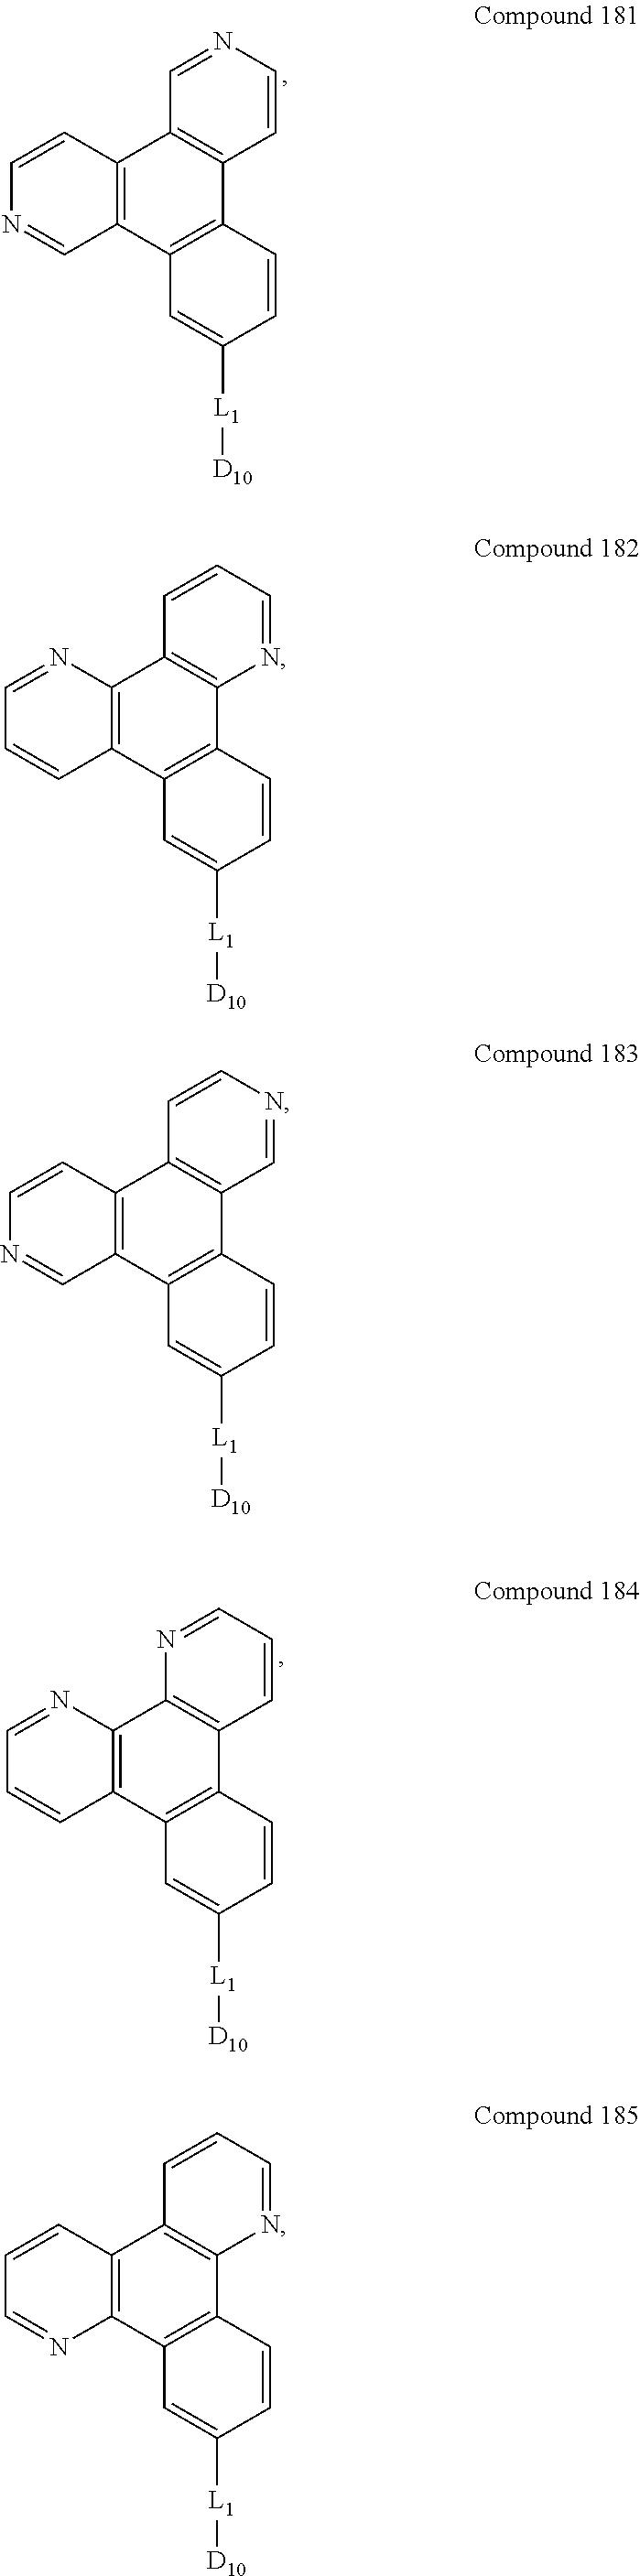 Figure US09537106-20170103-C00523